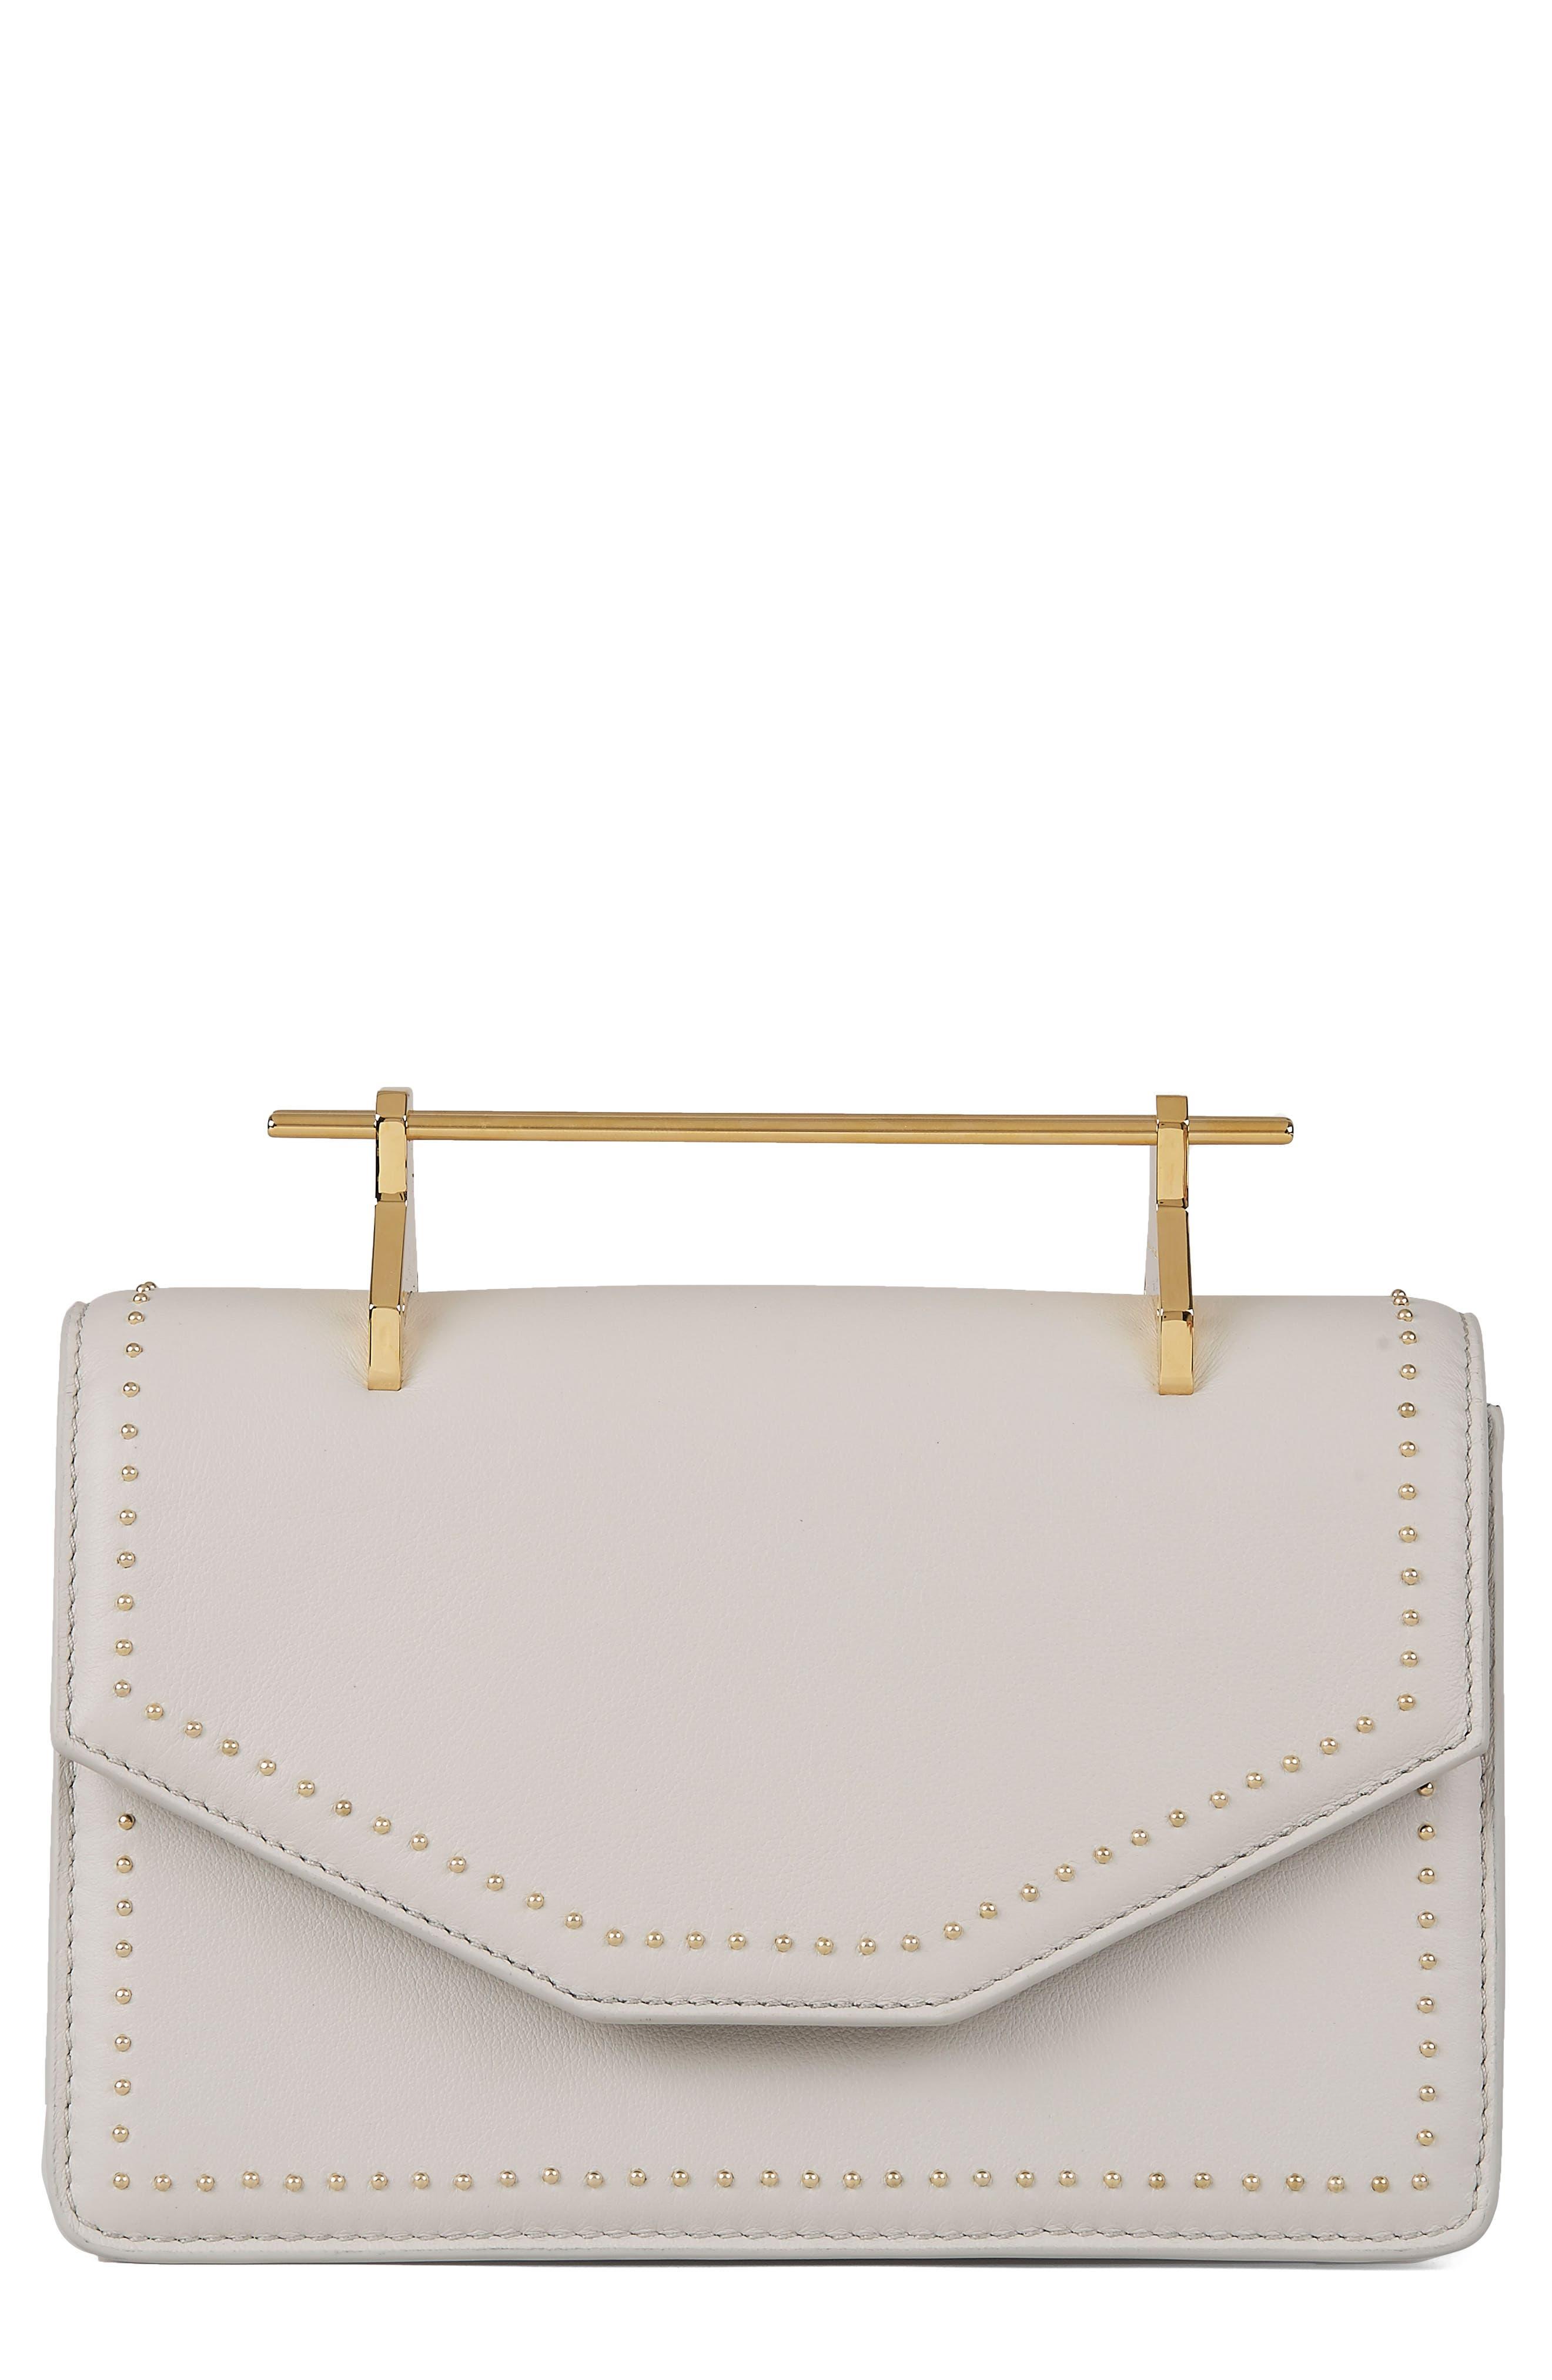 Indre Leather Shoulder Bag,                         Main,                         color, Studded Cool Grey/ Gold